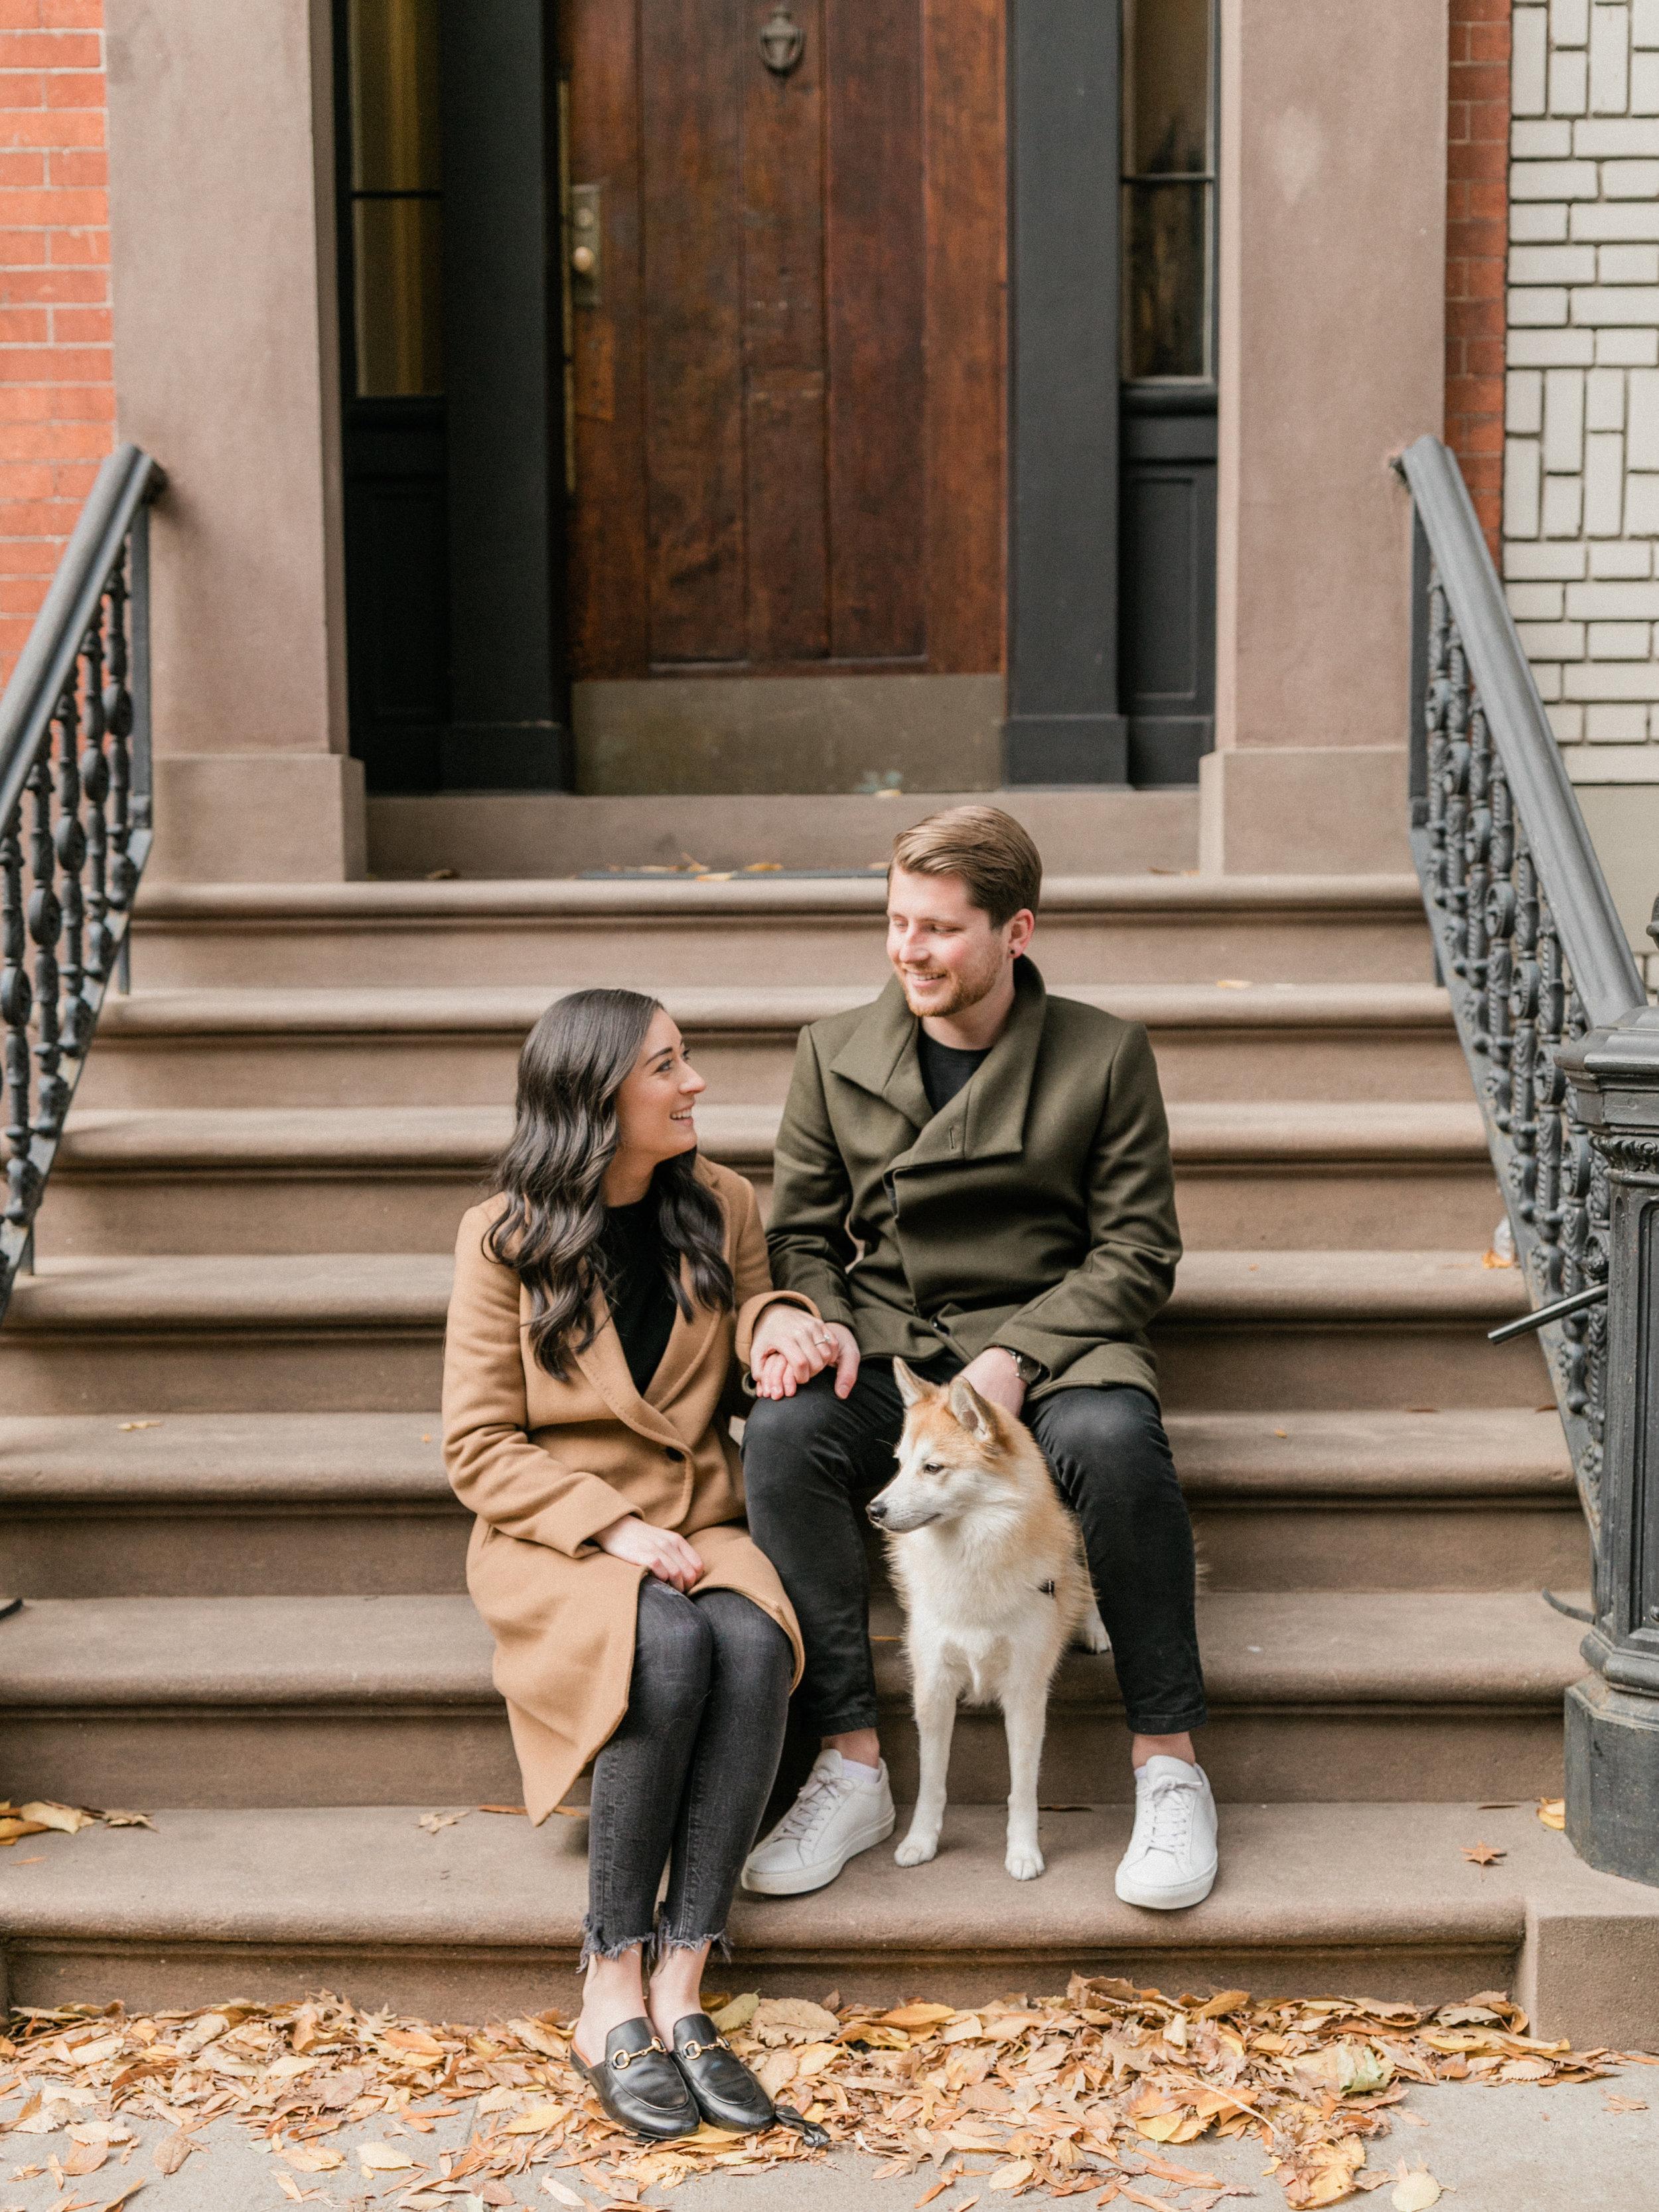 asher-gardner-nyc-engagement-9.jpg